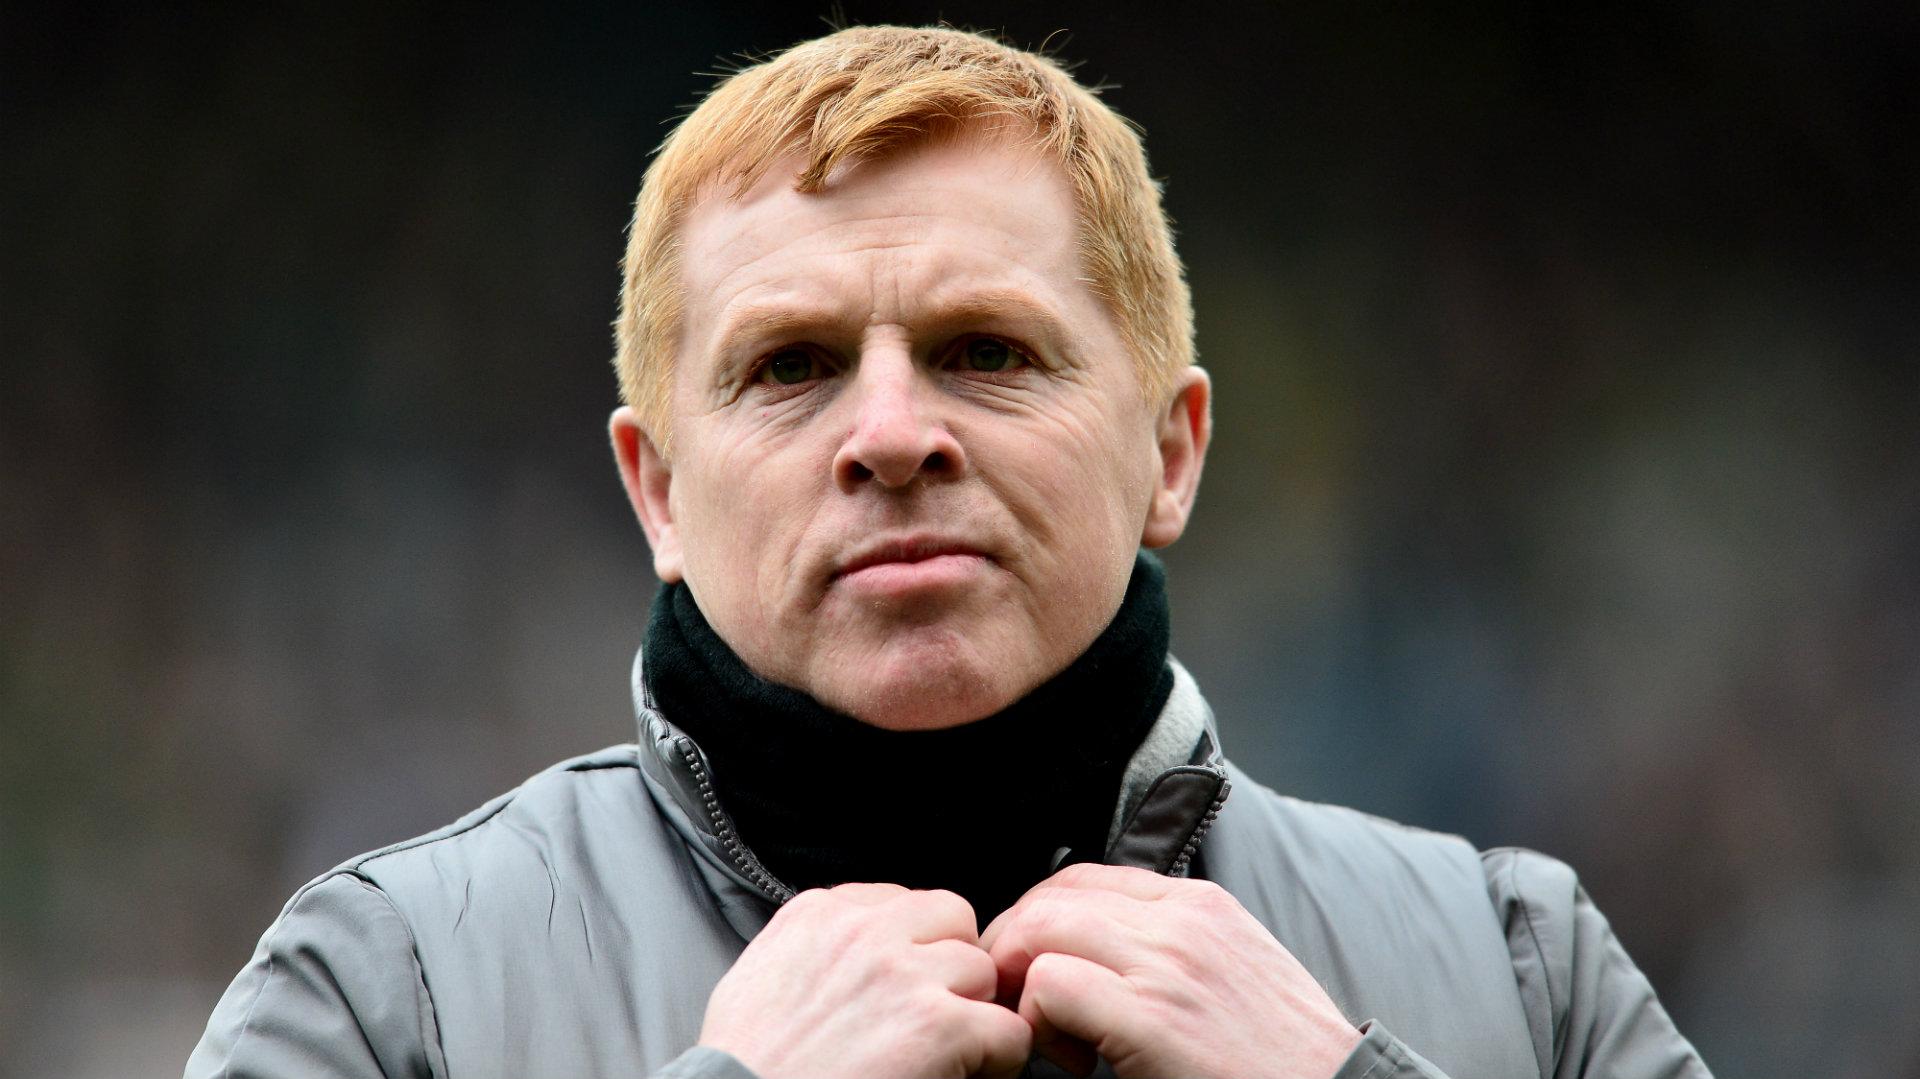 Neil Lennon Celtic manager 2018-19